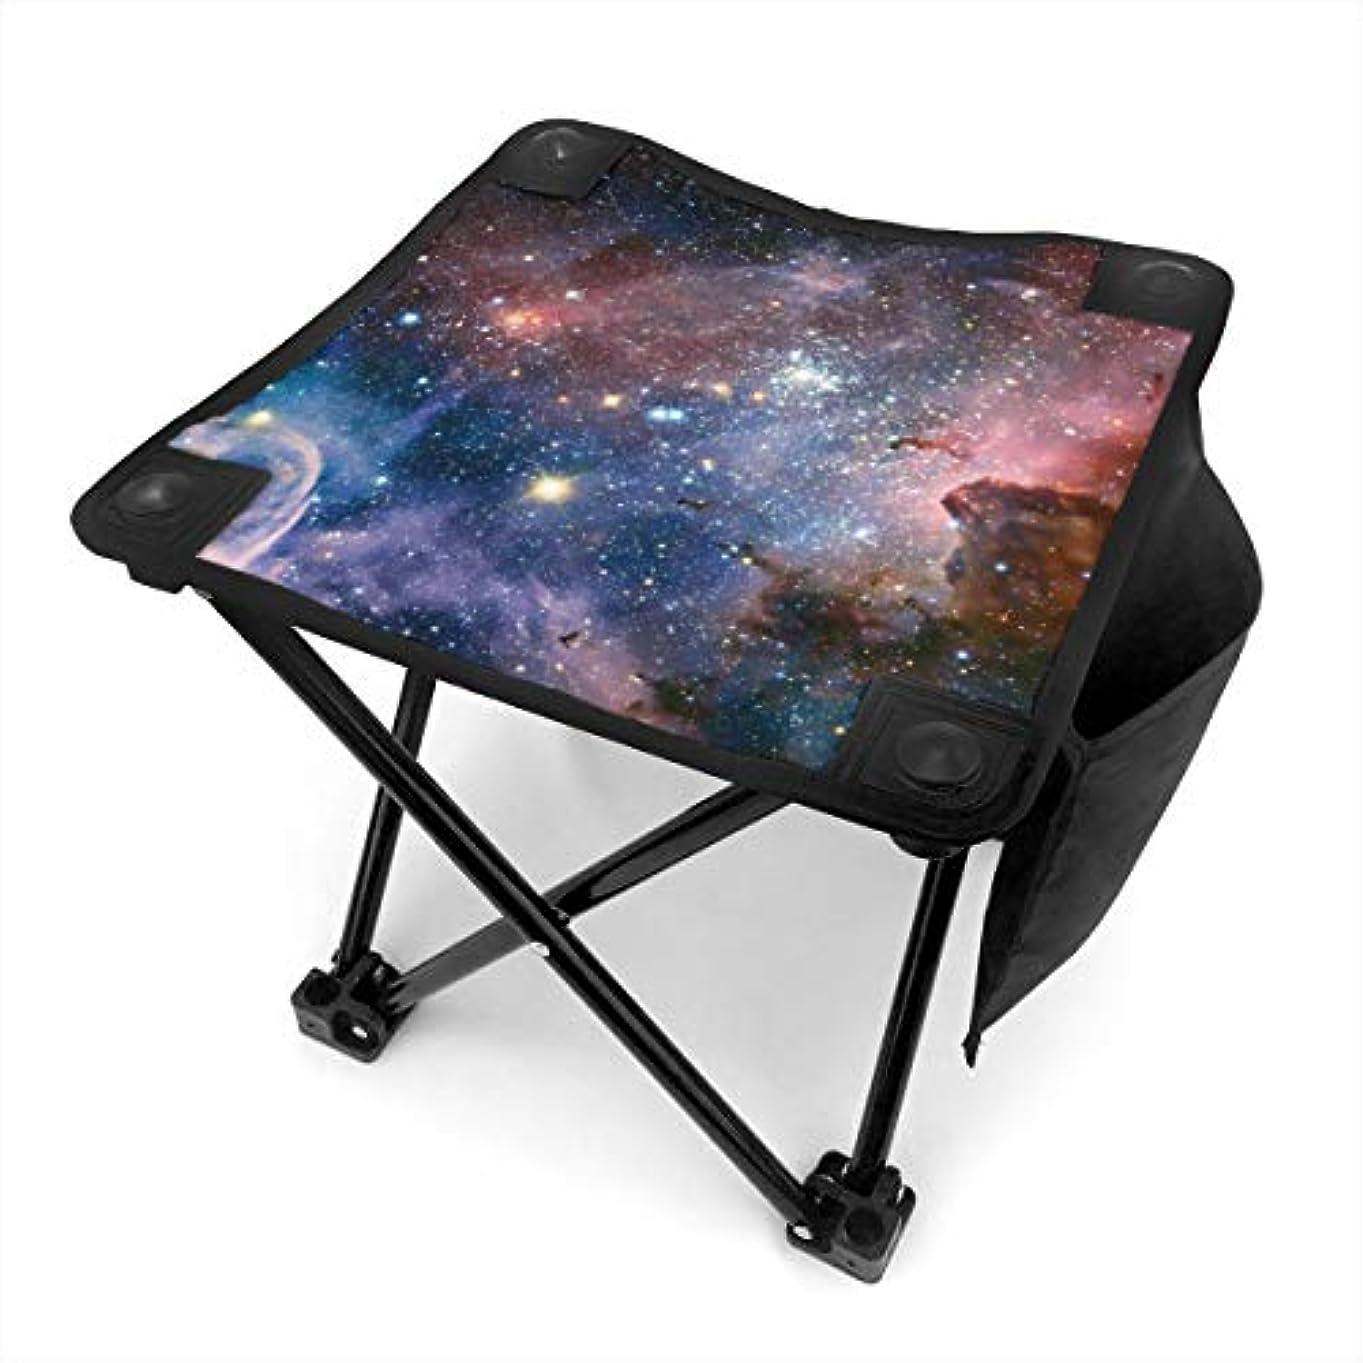 受け入れたスーダン進行中宇宙銀河星雲 キャンプ用折りたたみスツール アウトドアチェア 折りたたみ コンパクト椅子 折りたたみスツール 小型スツール 収納袋付き 持ち運びが簡単 耐荷重100kg